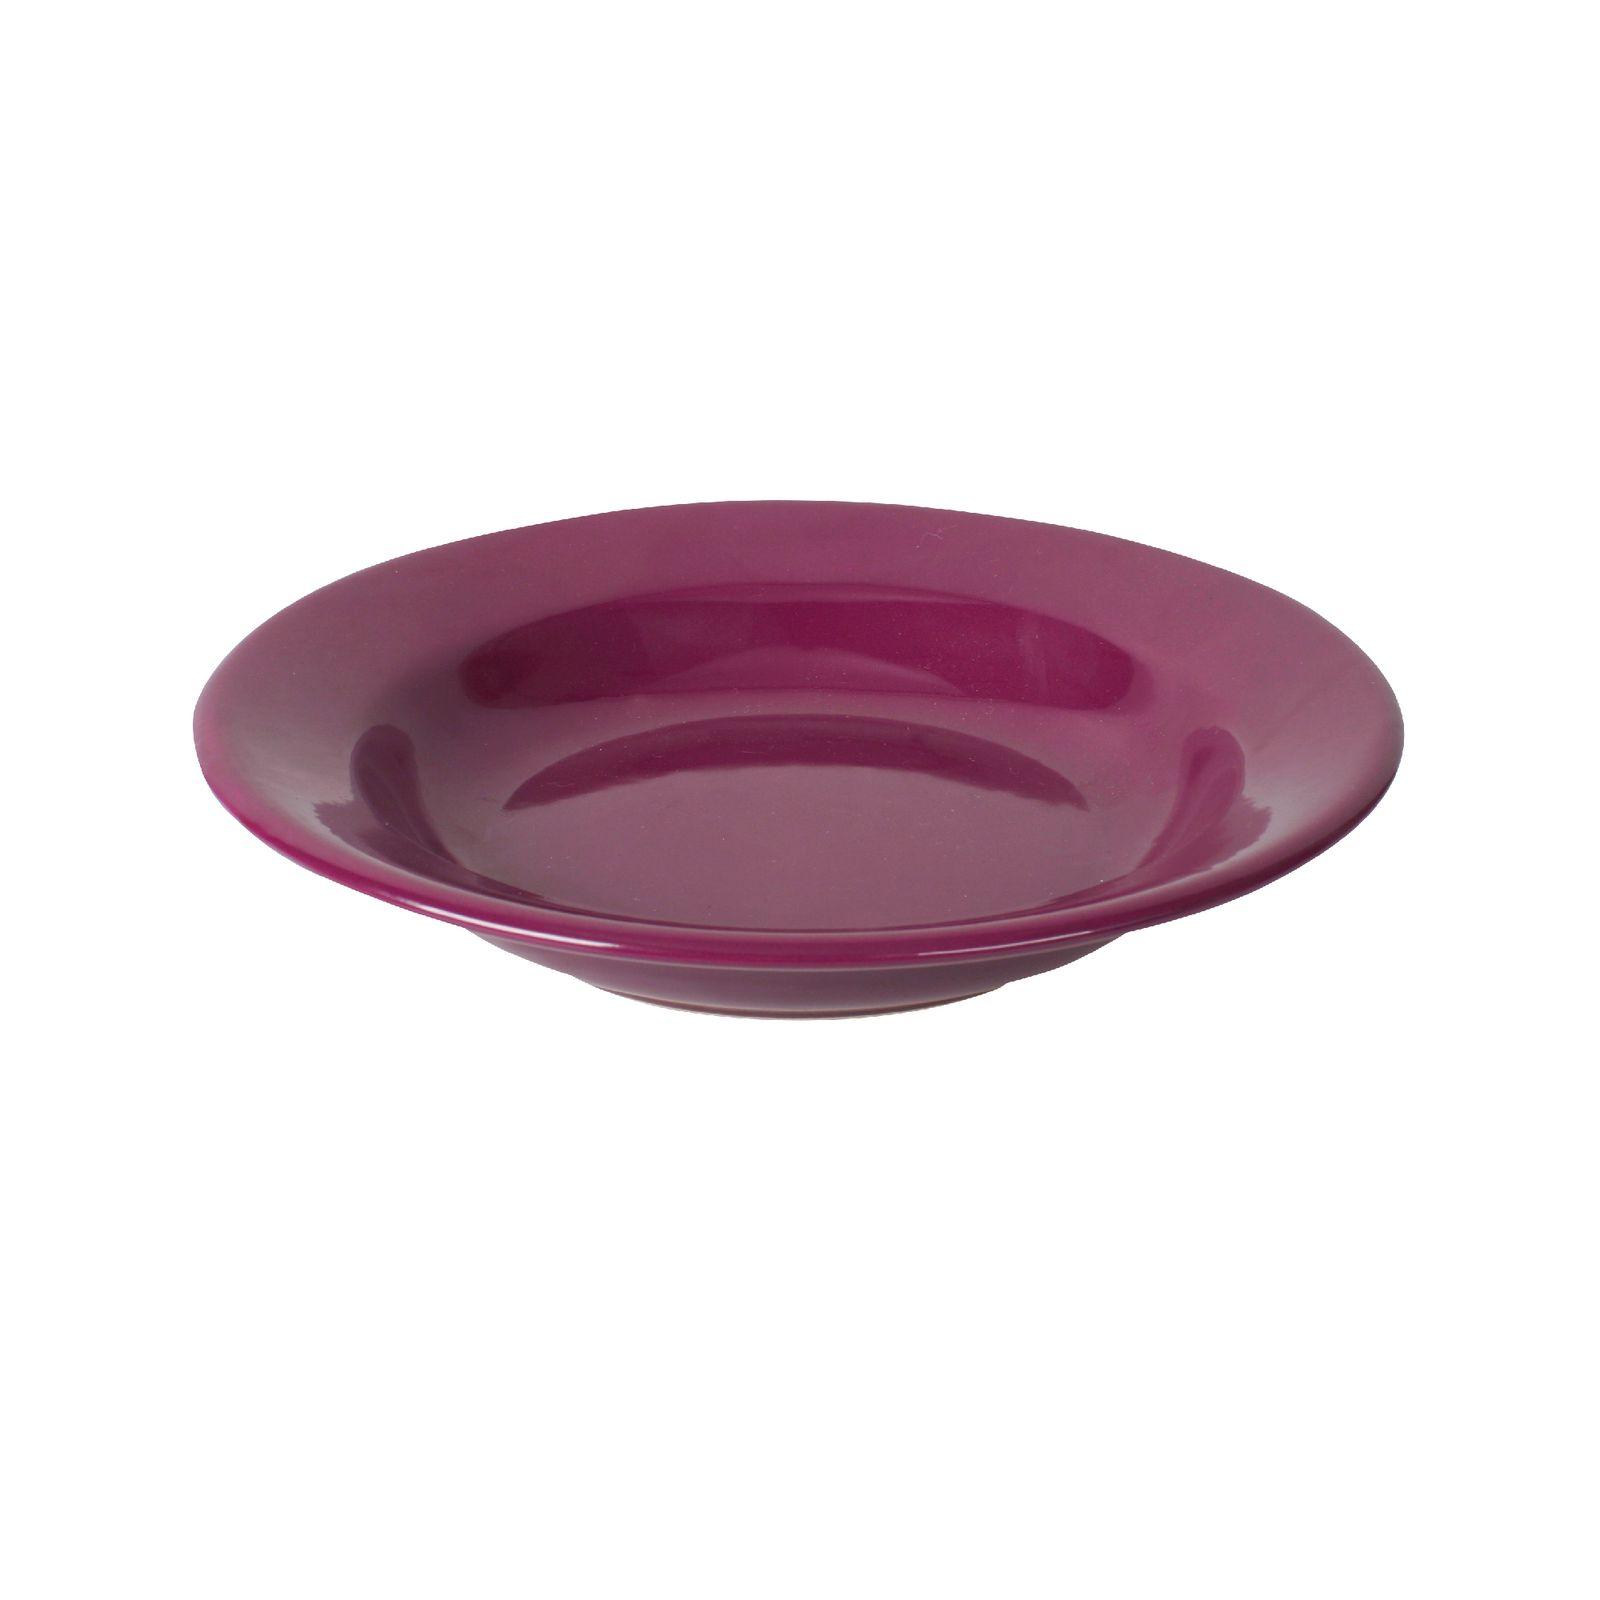 Soup plate 22cm Fusion Plum